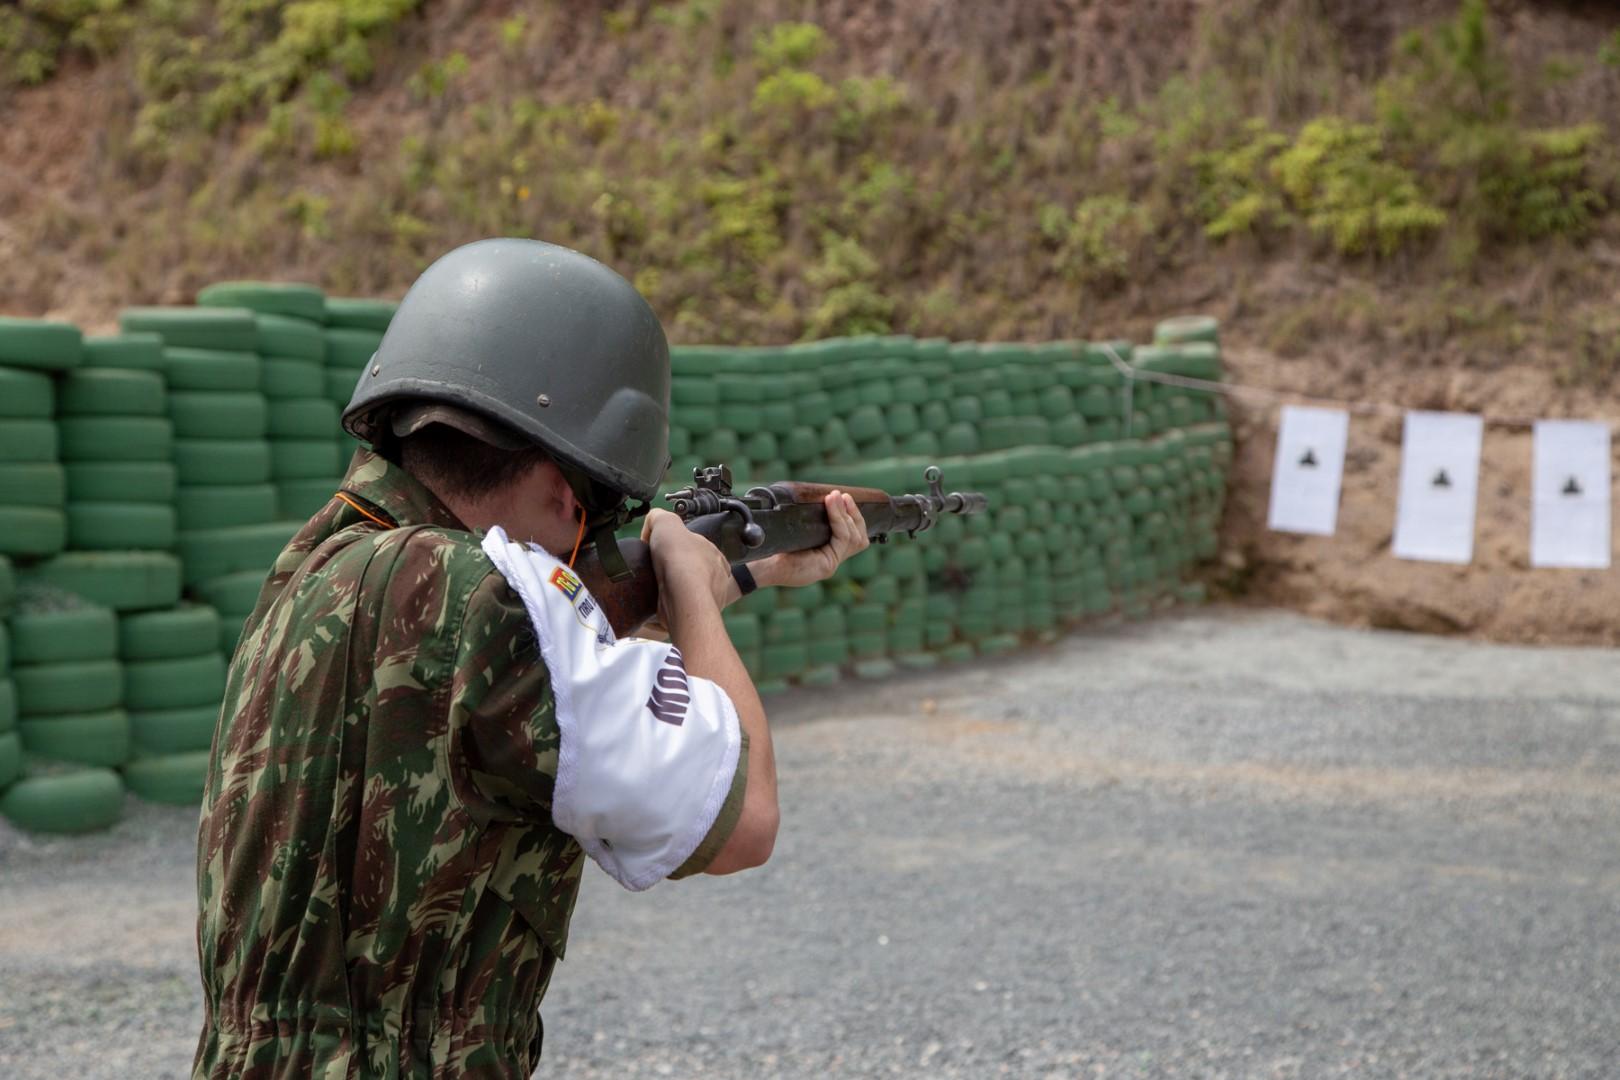 TG realiza instrução básica de tiro em Blumenau